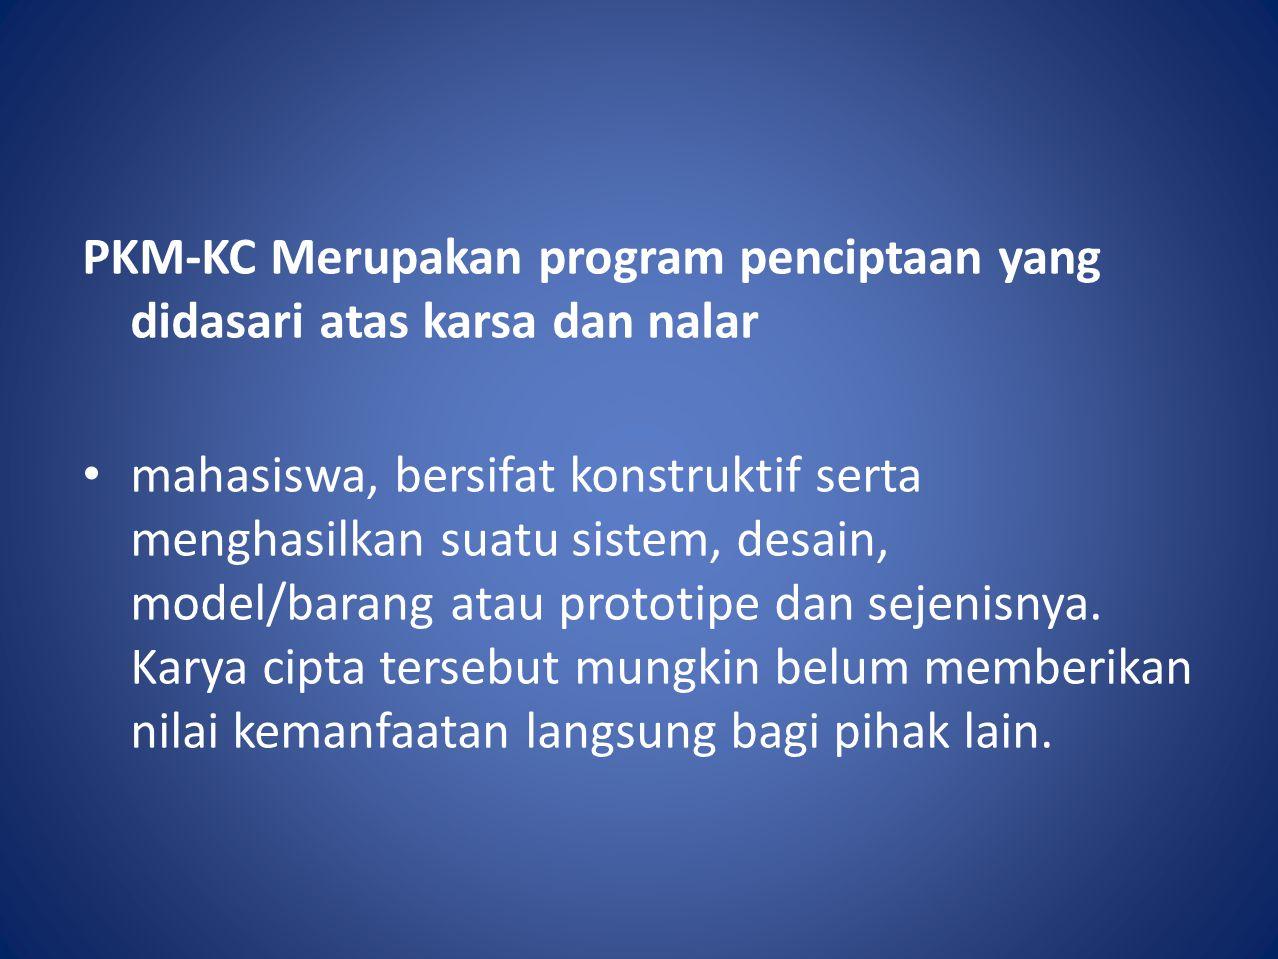 PKM-KC Merupakan program penciptaan yang didasari atas karsa dan nalar